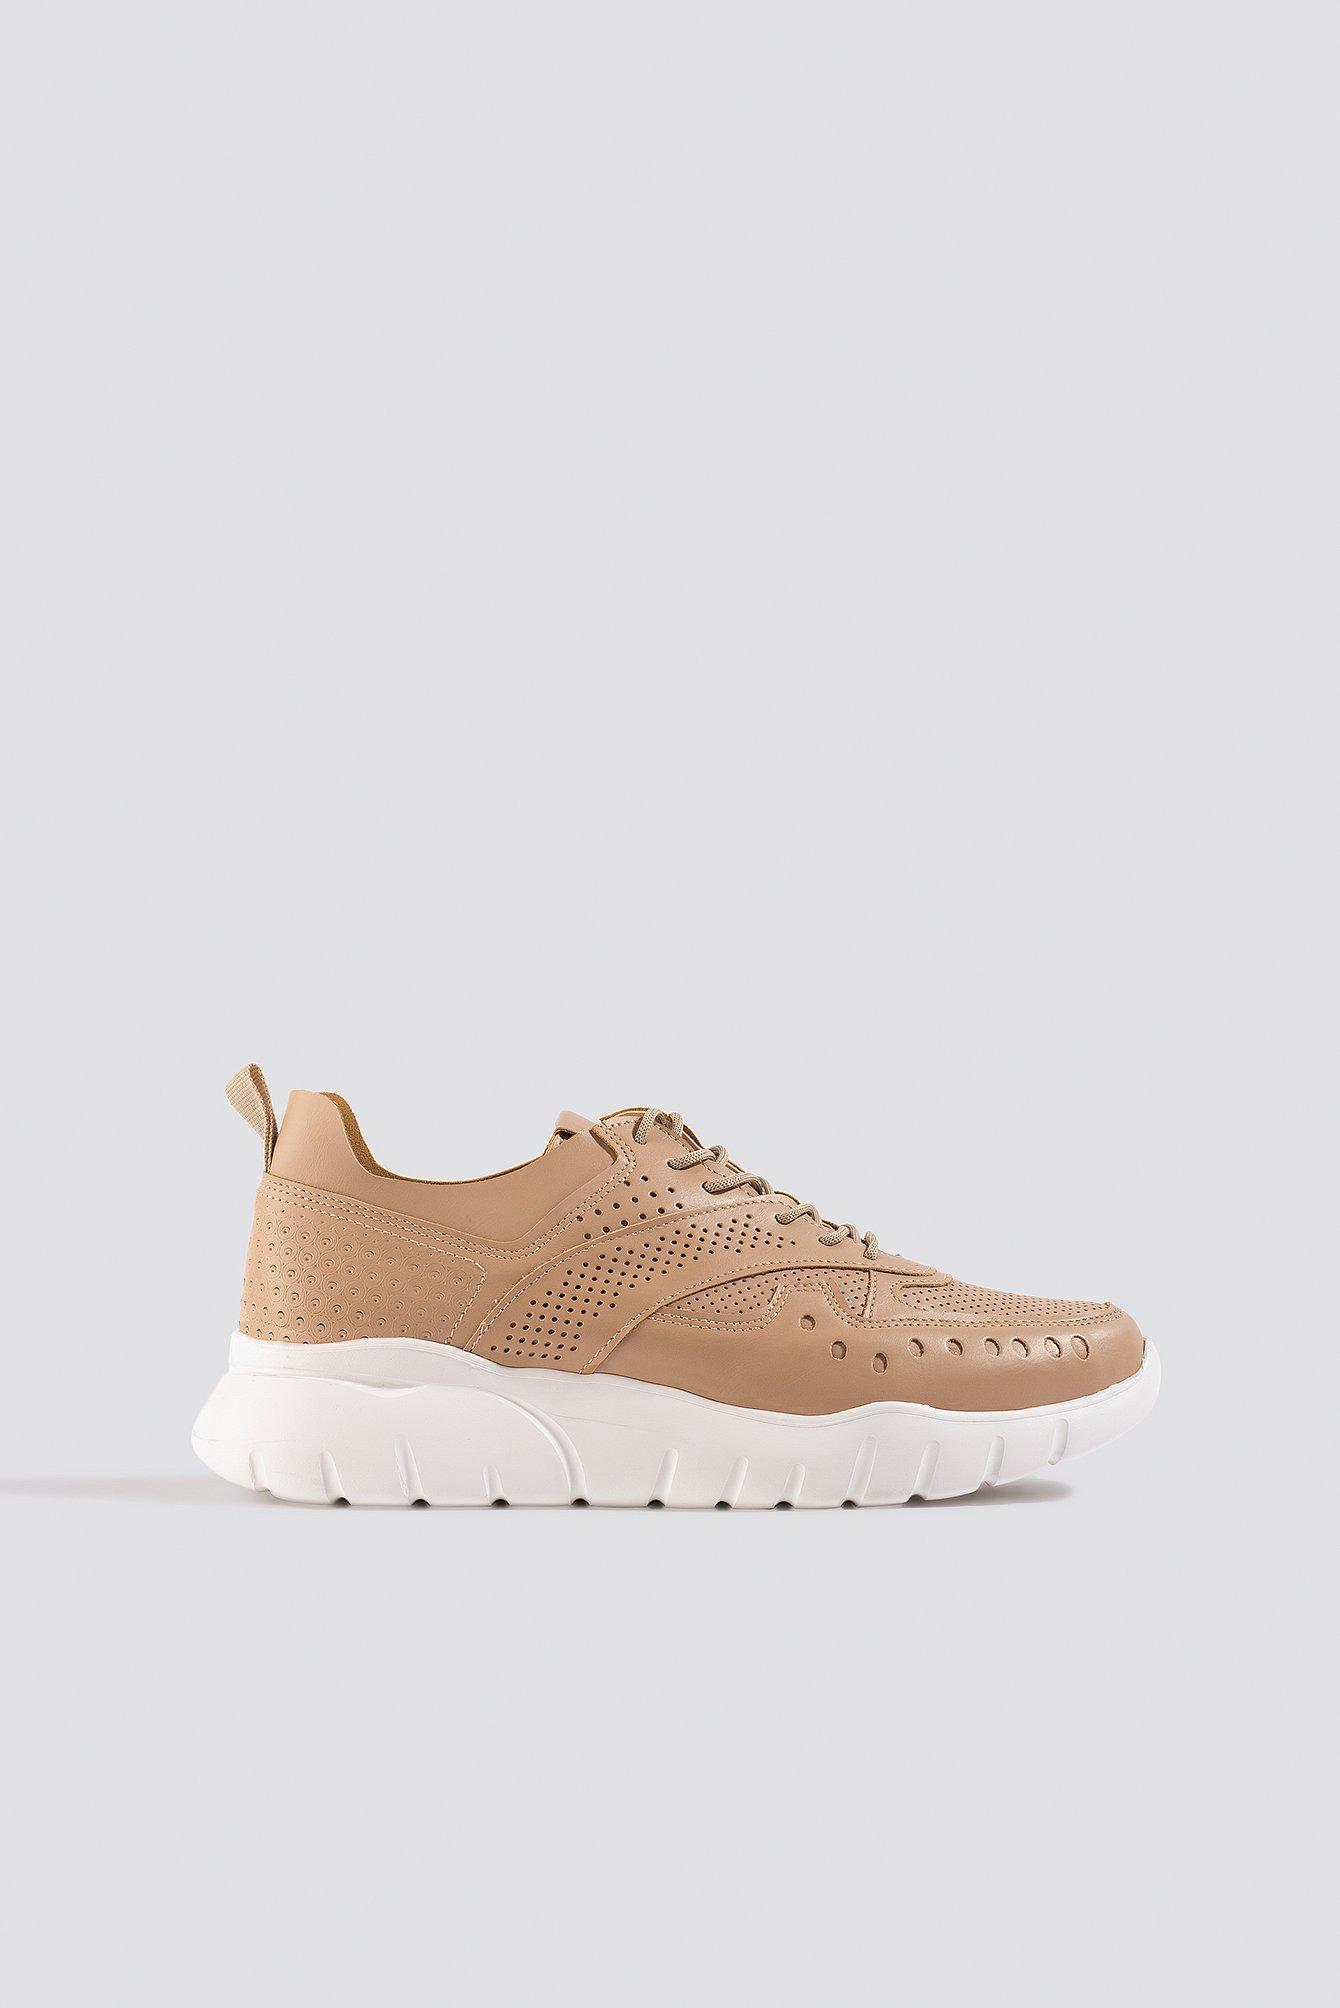 Trendyol Milla Taks Sneakers - Beige